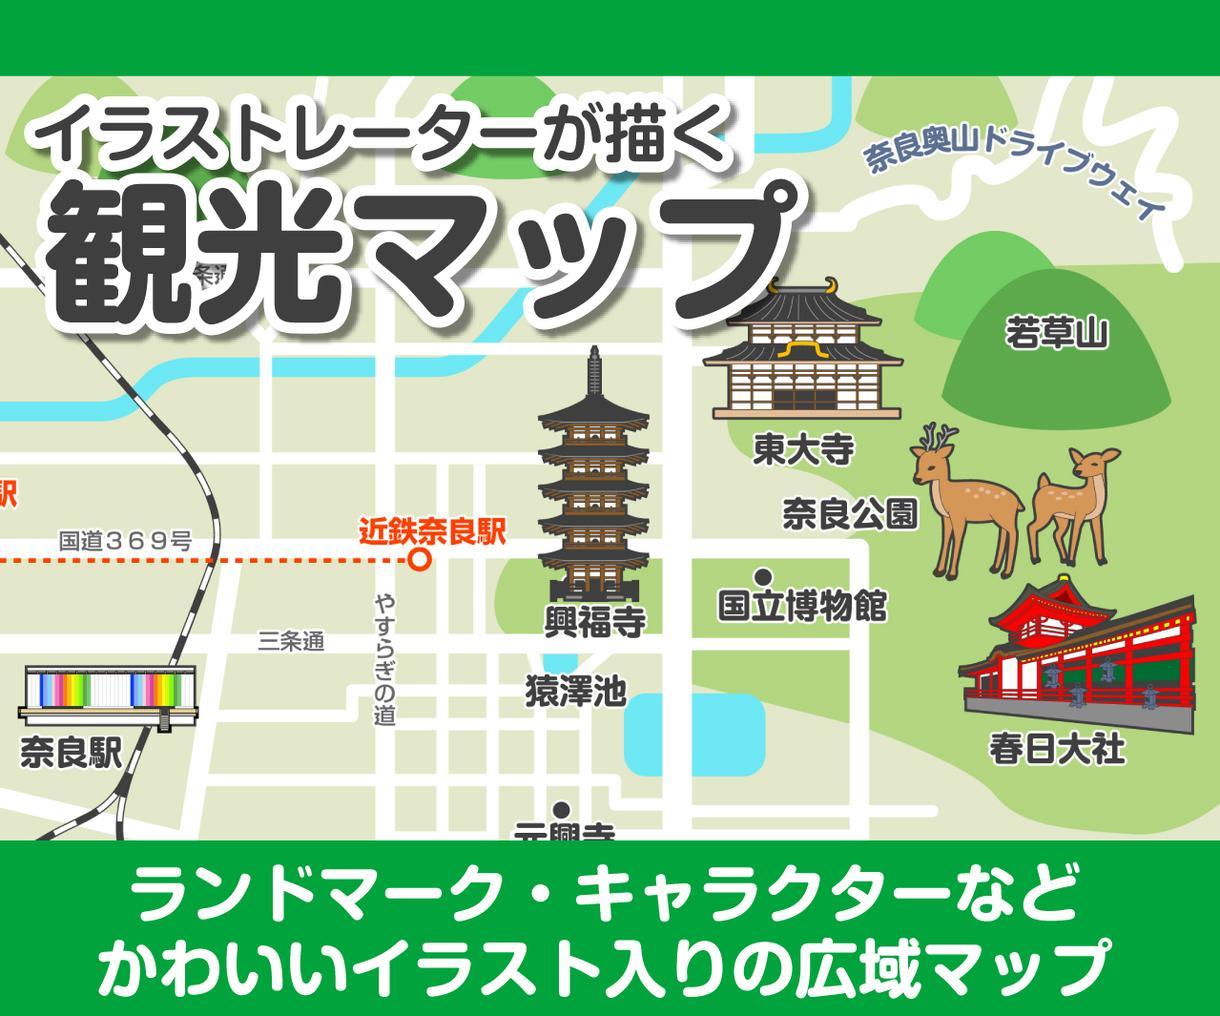 イラスト入り観光マップをお作りします 避難経路やイベント告知にも。見やすくかわいい広域マップです。